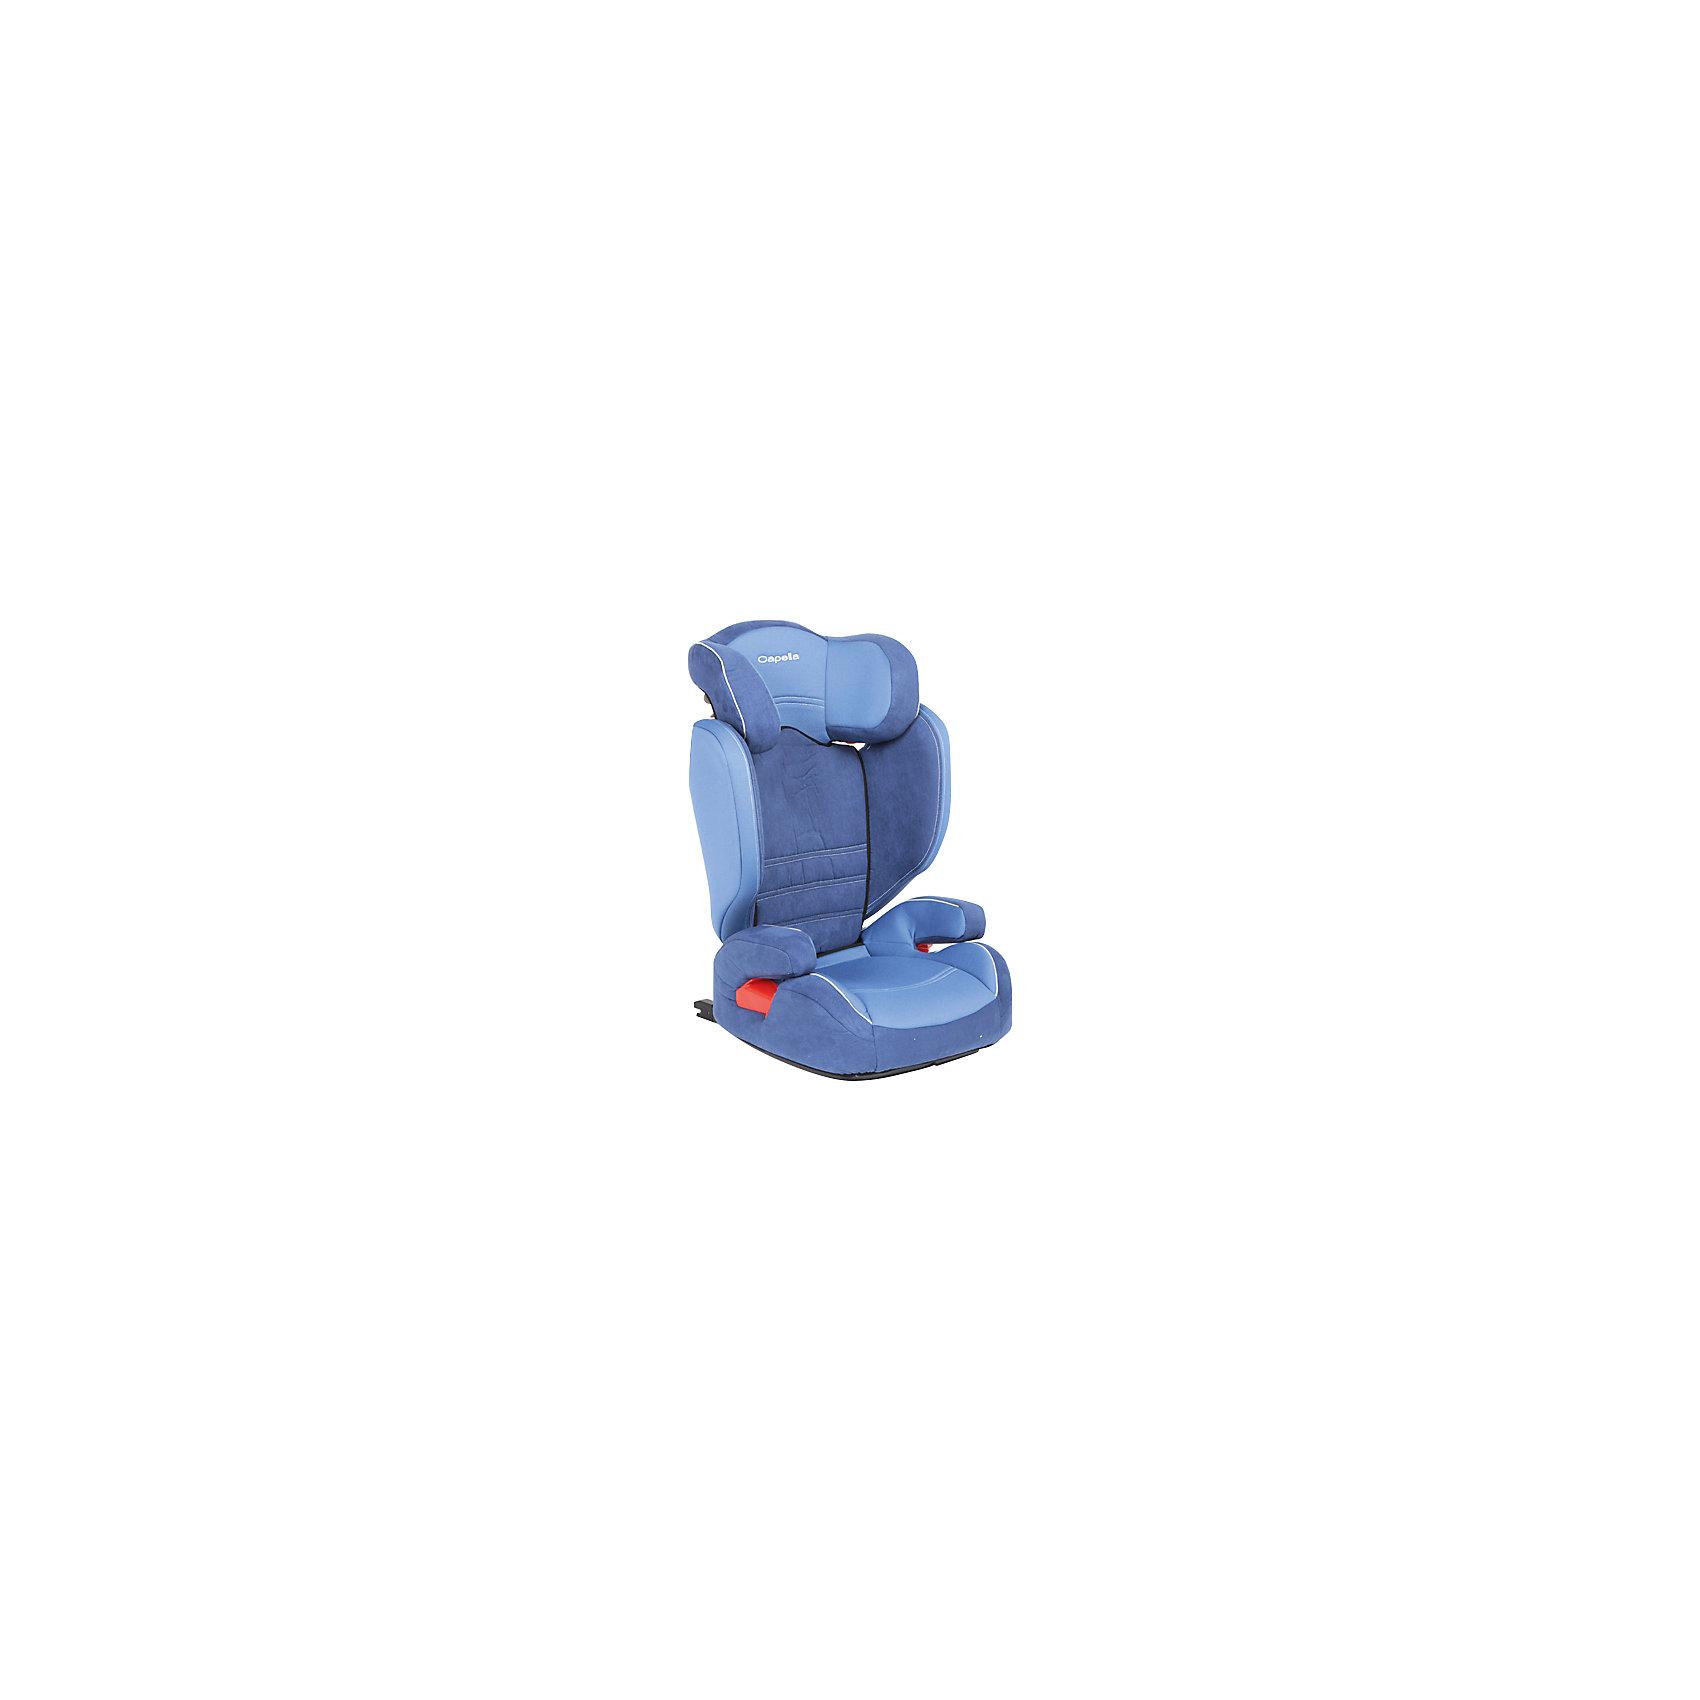 Автокресло I-FIX, 15-36 кг. , Capella, синий